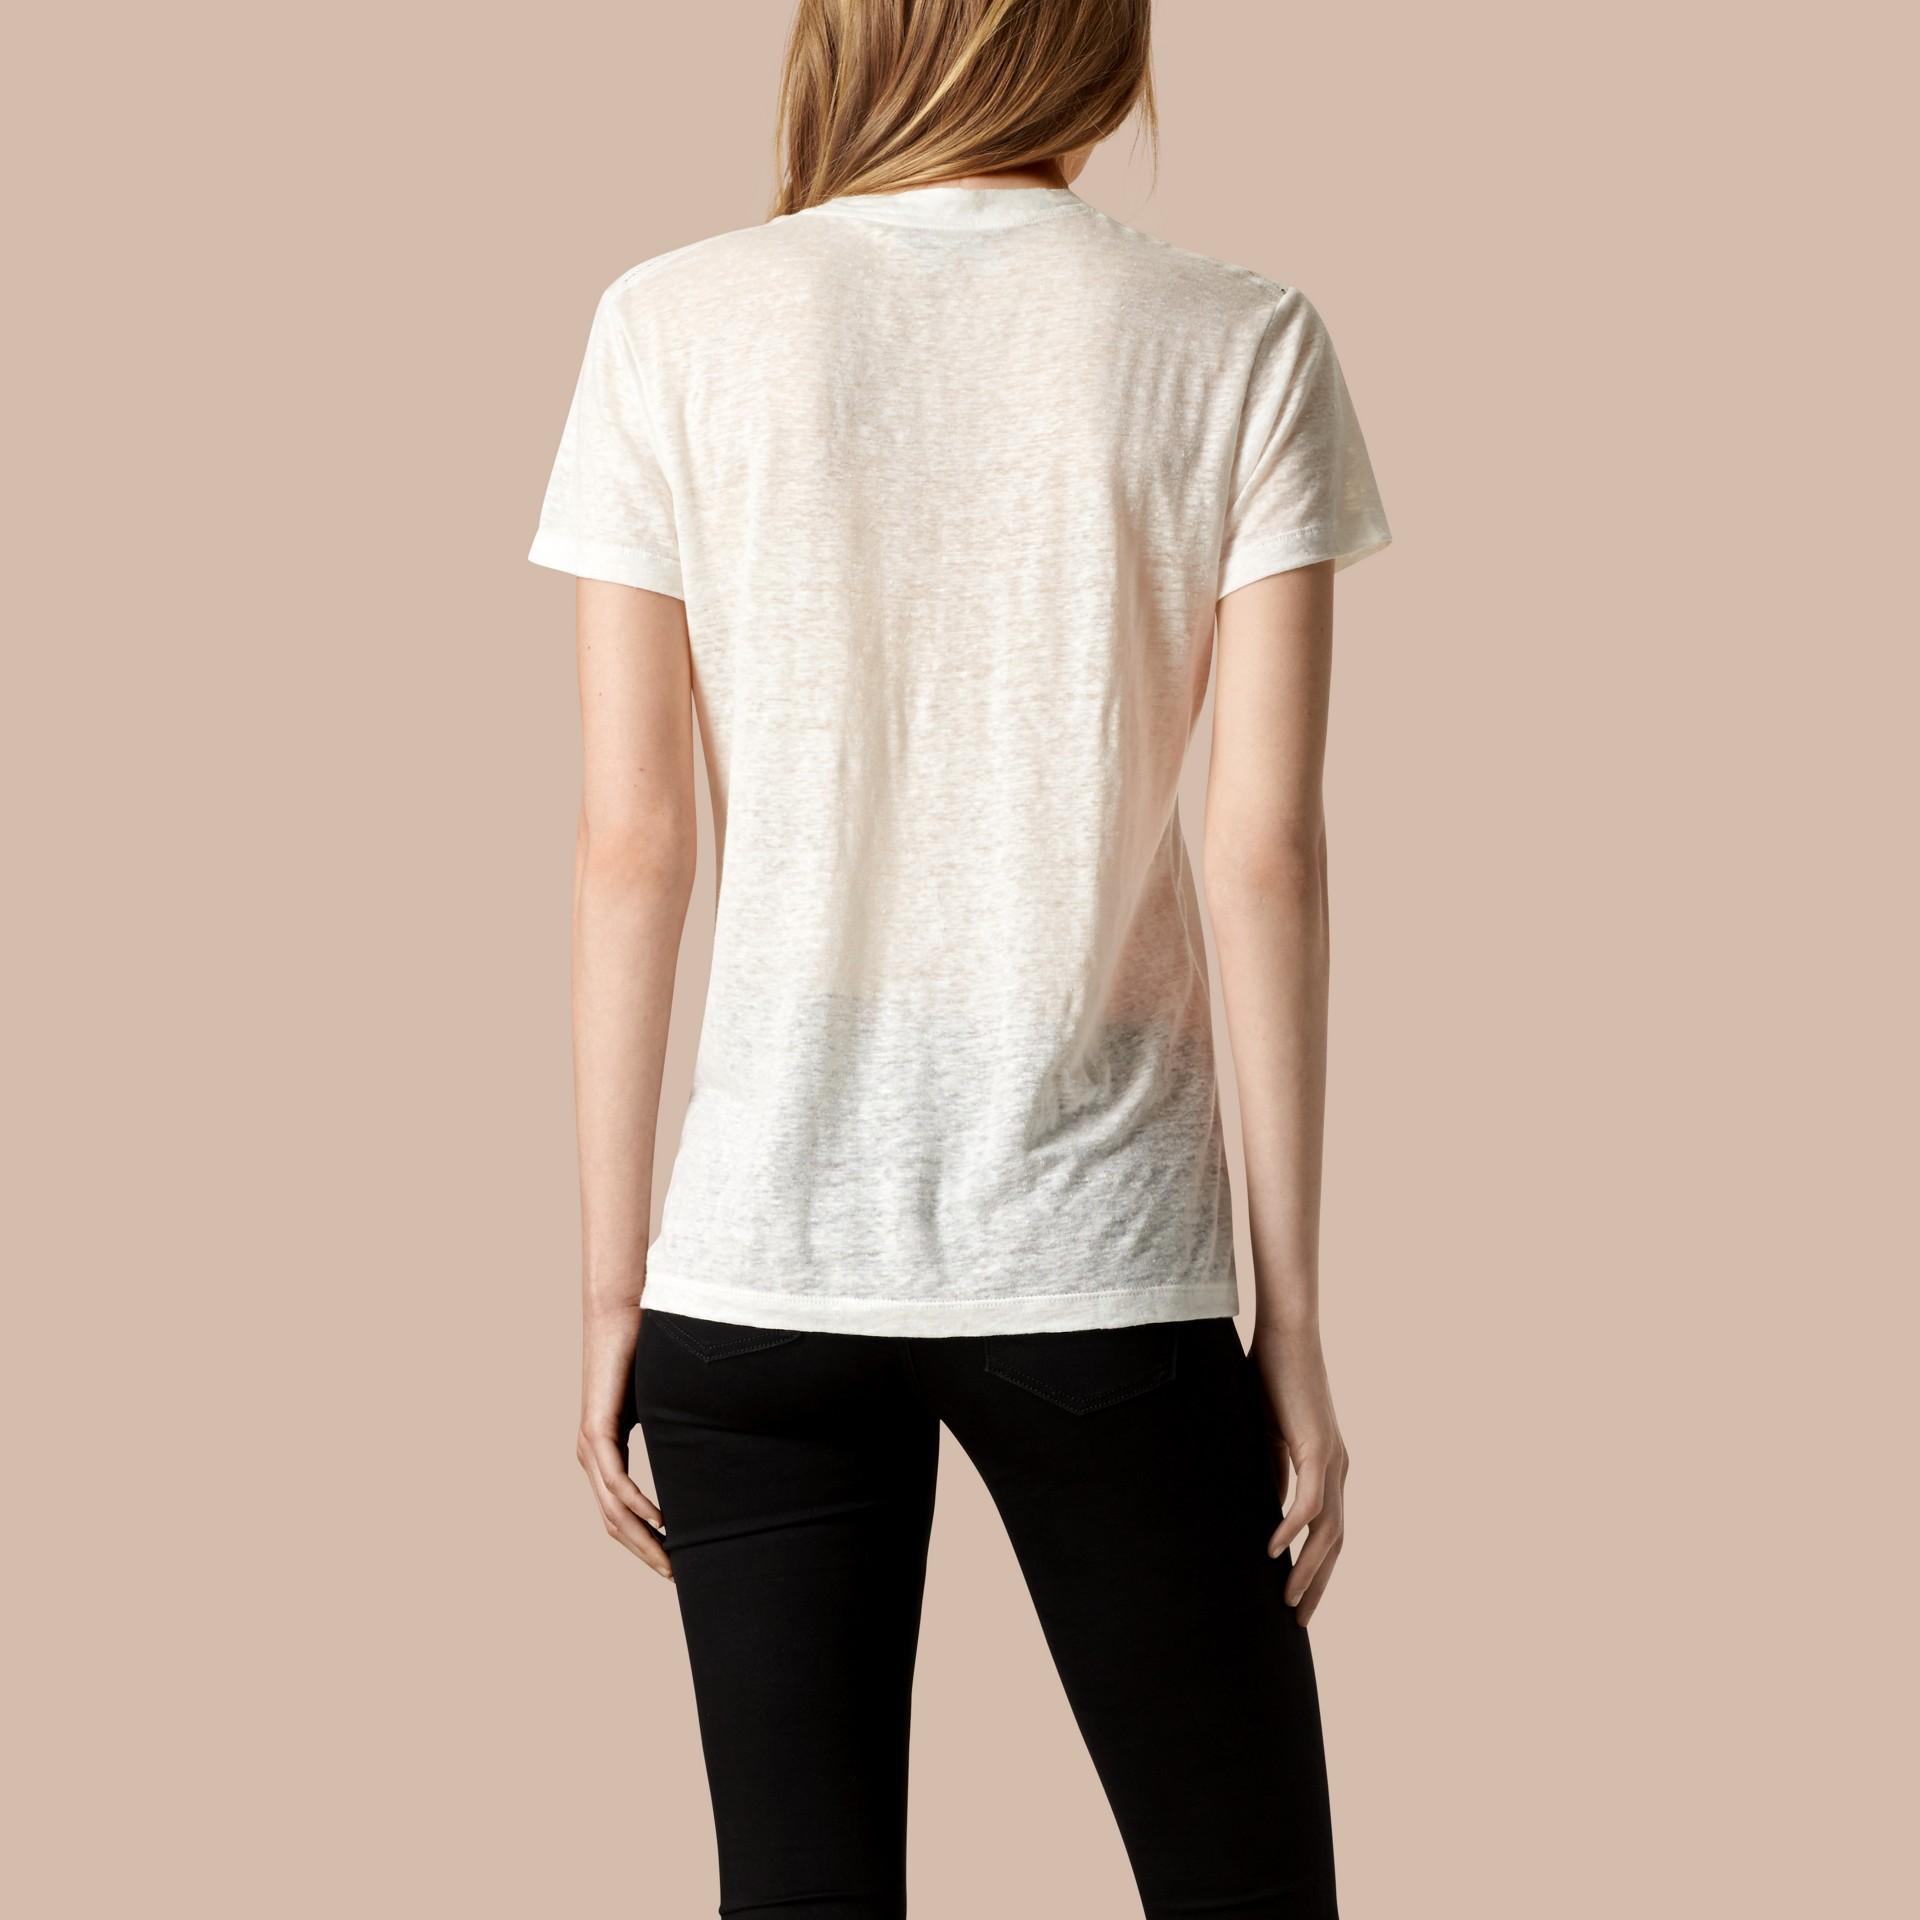 Белый Льняная футболка с ажурной отделкой Белый - изображение 3